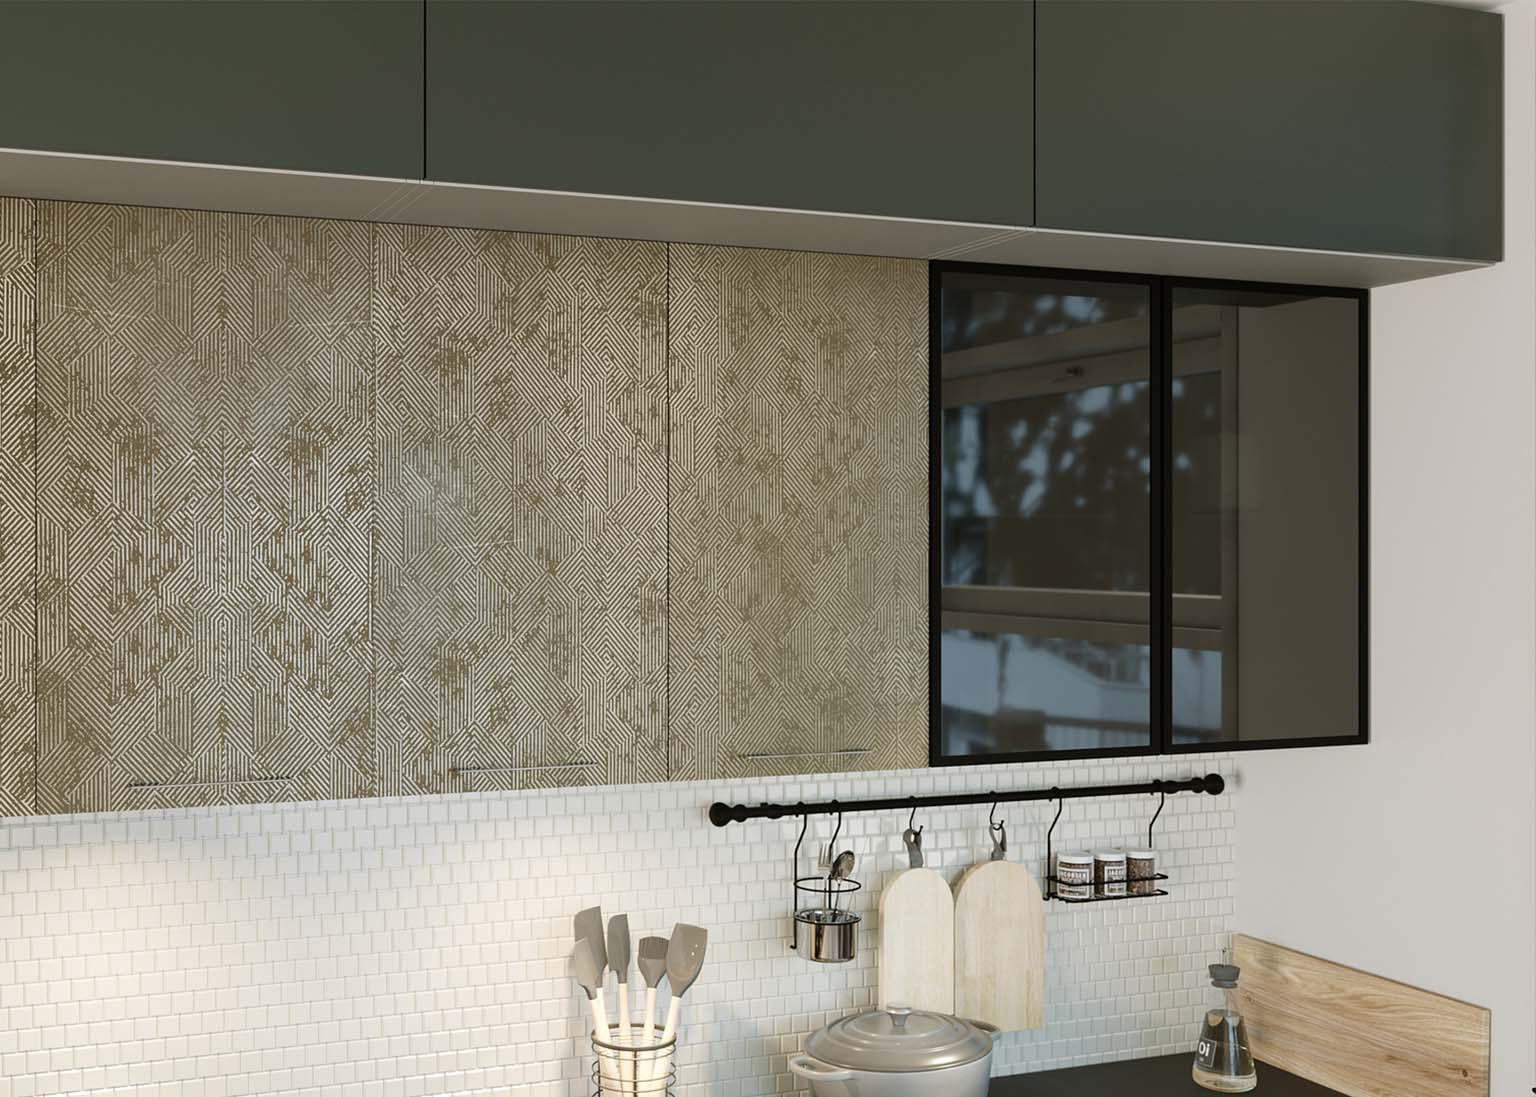 Кухня Модерн NEW Олива софт Геометрия бронза SV-Мебель